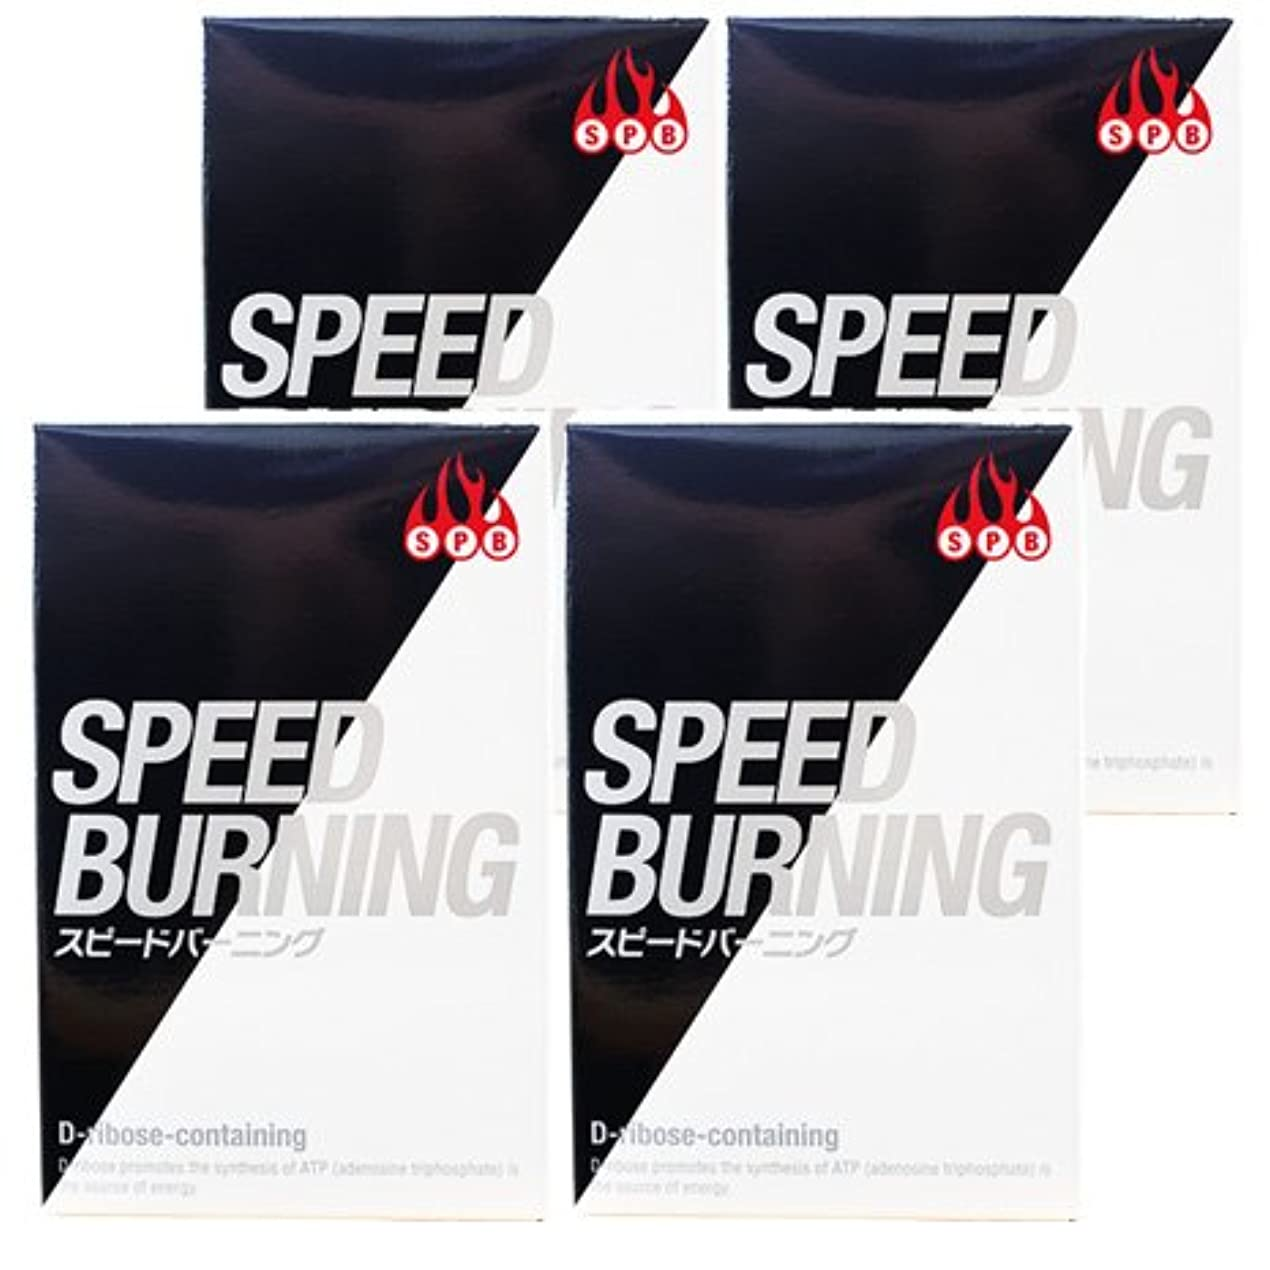 統治する飢えコテージスピードバーニング SPEED BURNING×4個